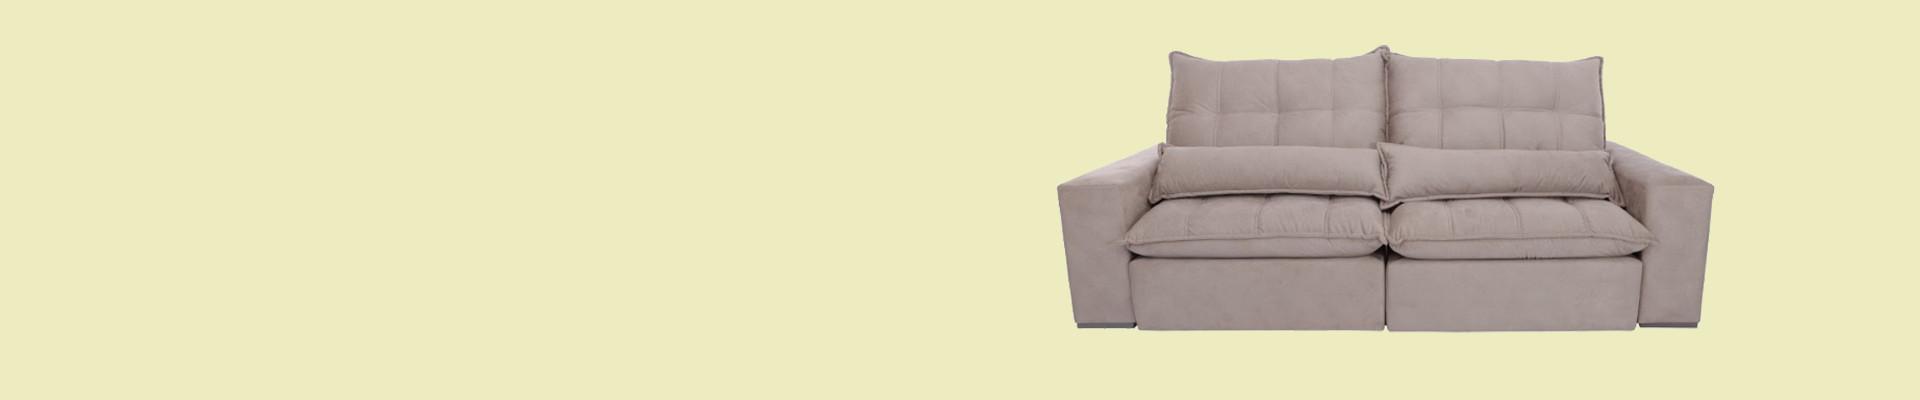 Jual Sofa Bed Online - Furniture Rumah Terlengkap